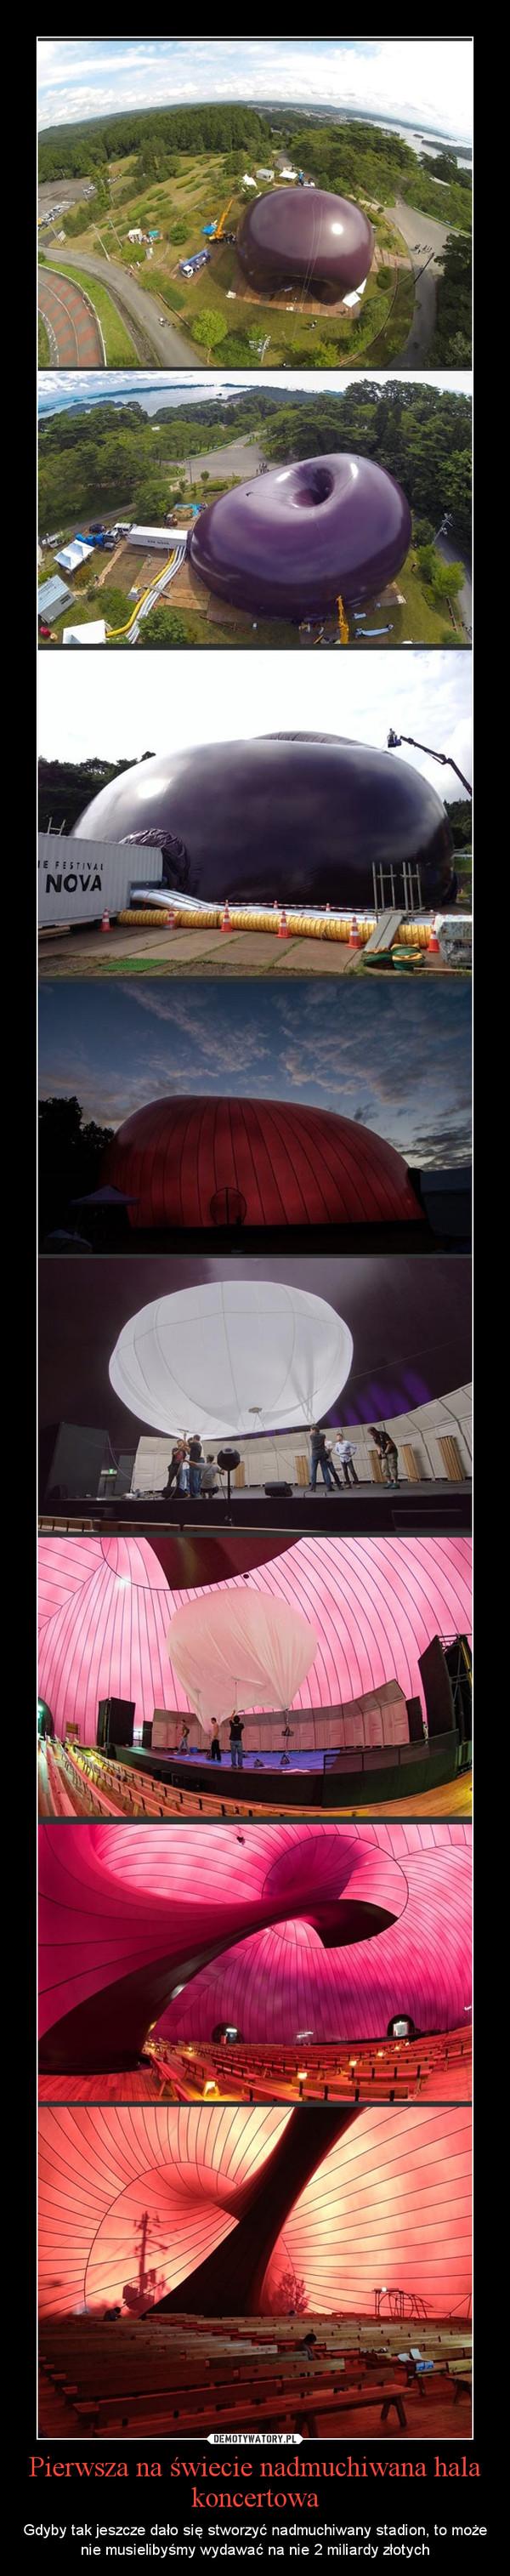 Pierwsza na świecie nadmuchiwana hala koncertowa – Gdyby tak jeszcze dało się stworzyć nadmuchiwany stadion, to może nie musielibyśmy wydawać na nie 2 miliardy złotych